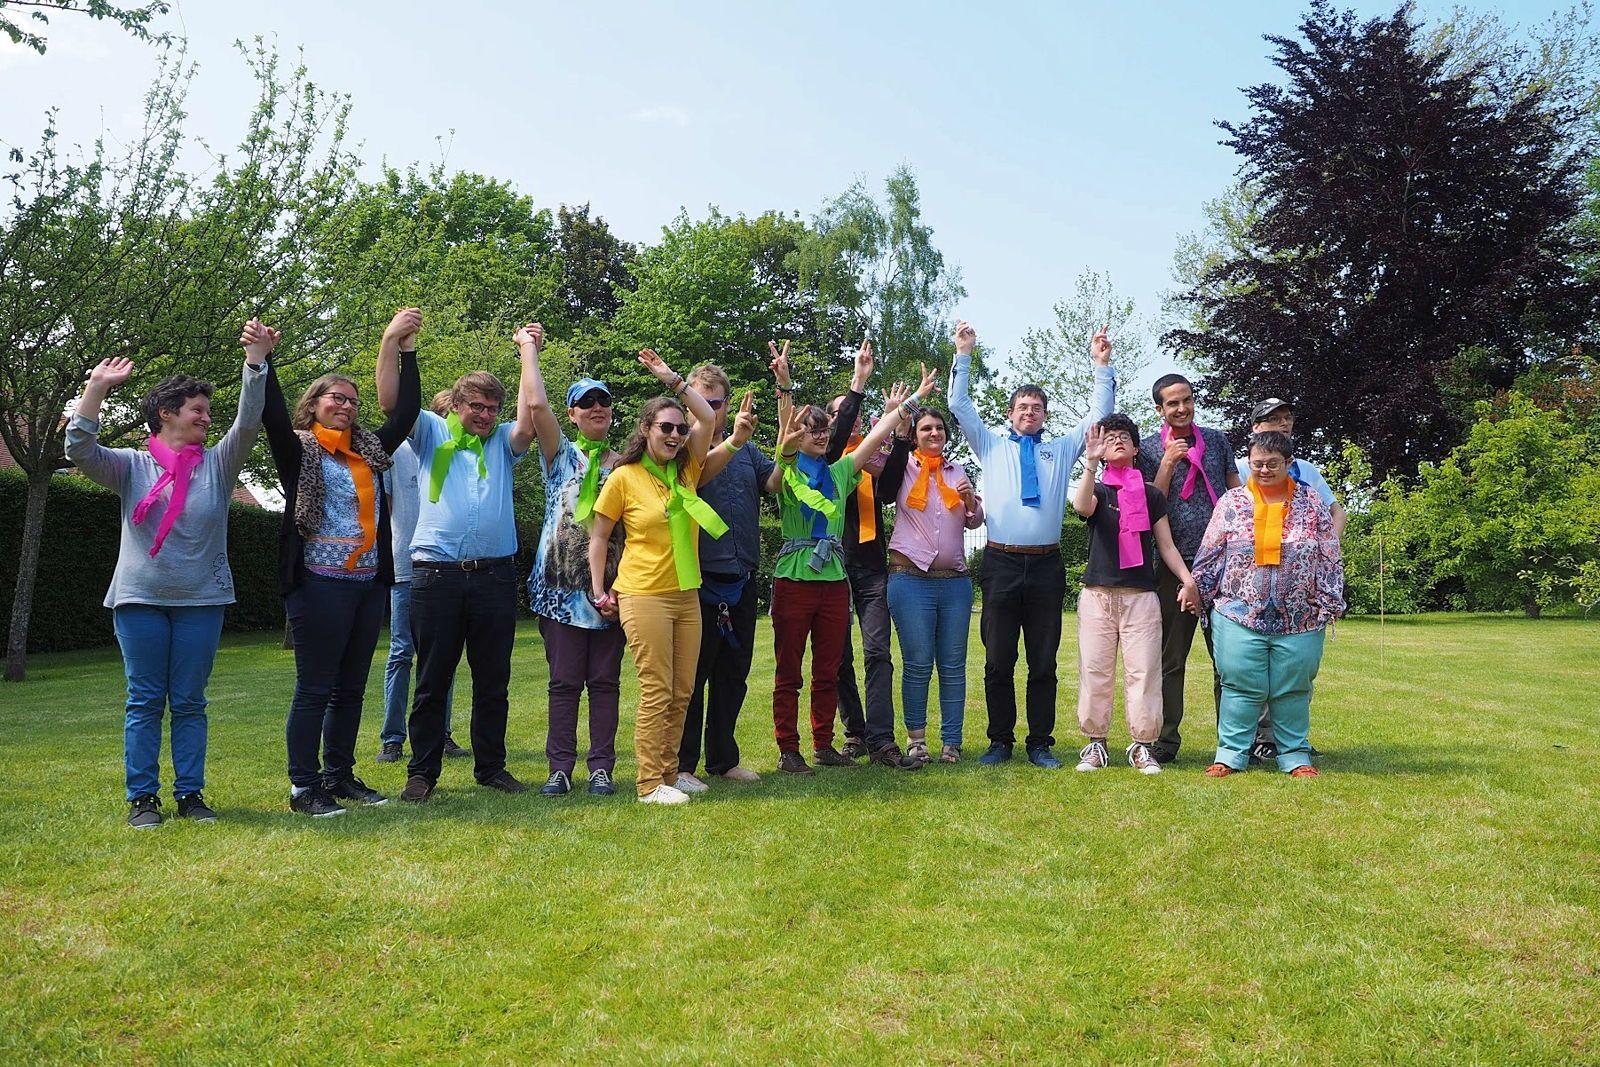 Recherche stagiaire pour coordination de projet solidaire: habitat inclusif pour handicapés - Caen (14000)